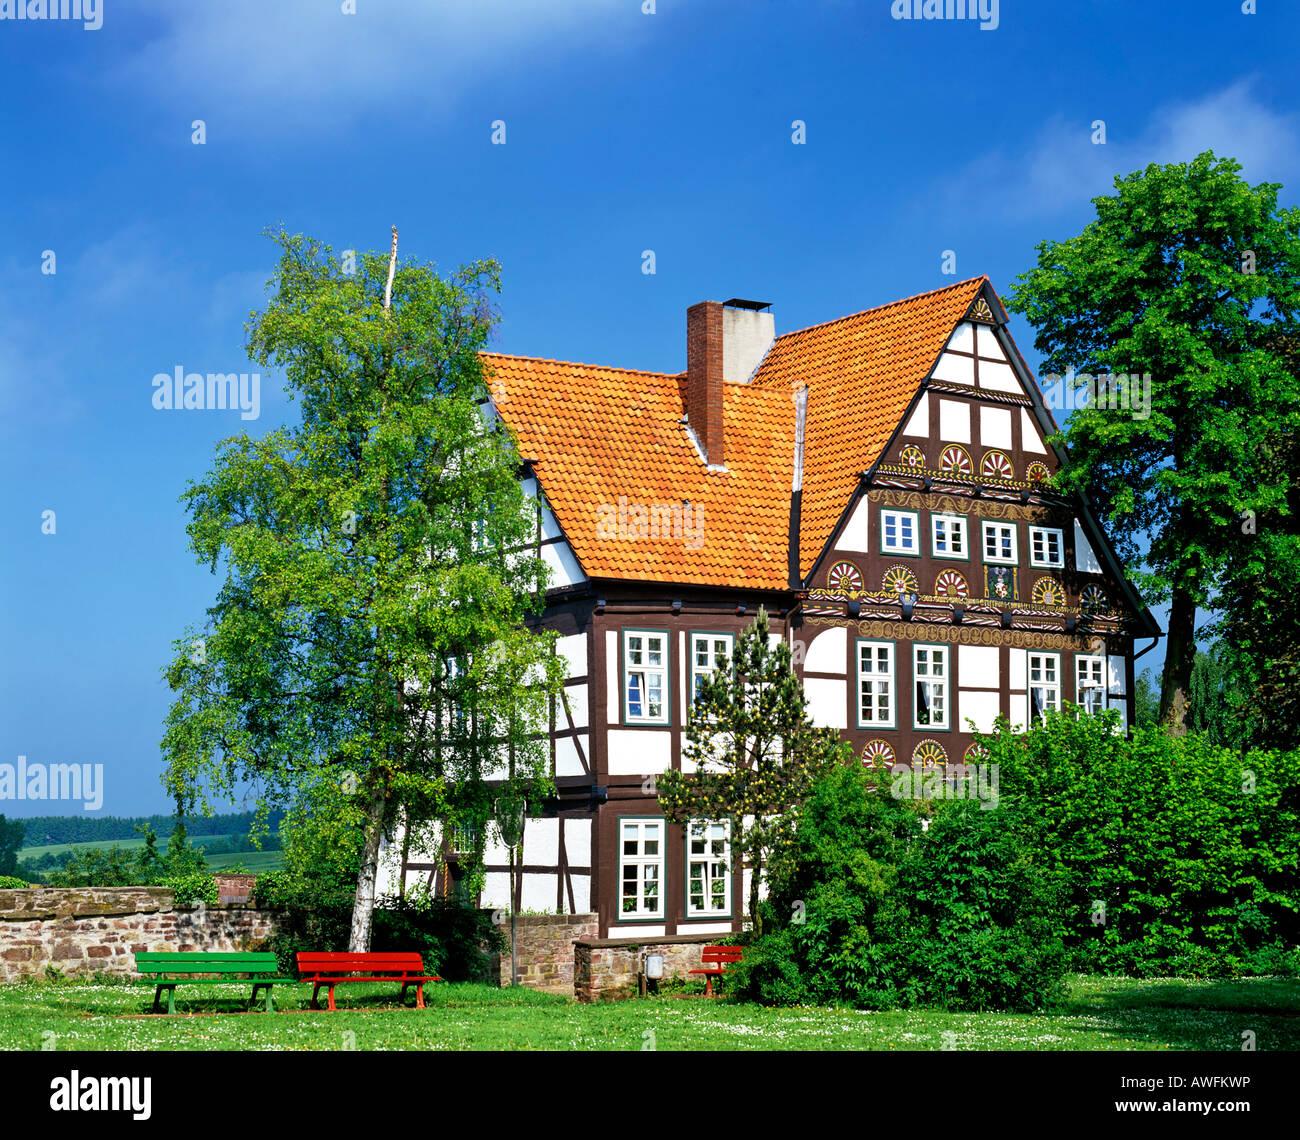 Fachwerk-style house in Blomberg, North Rhine-Westphalia, Germany, Europe - Stock Image